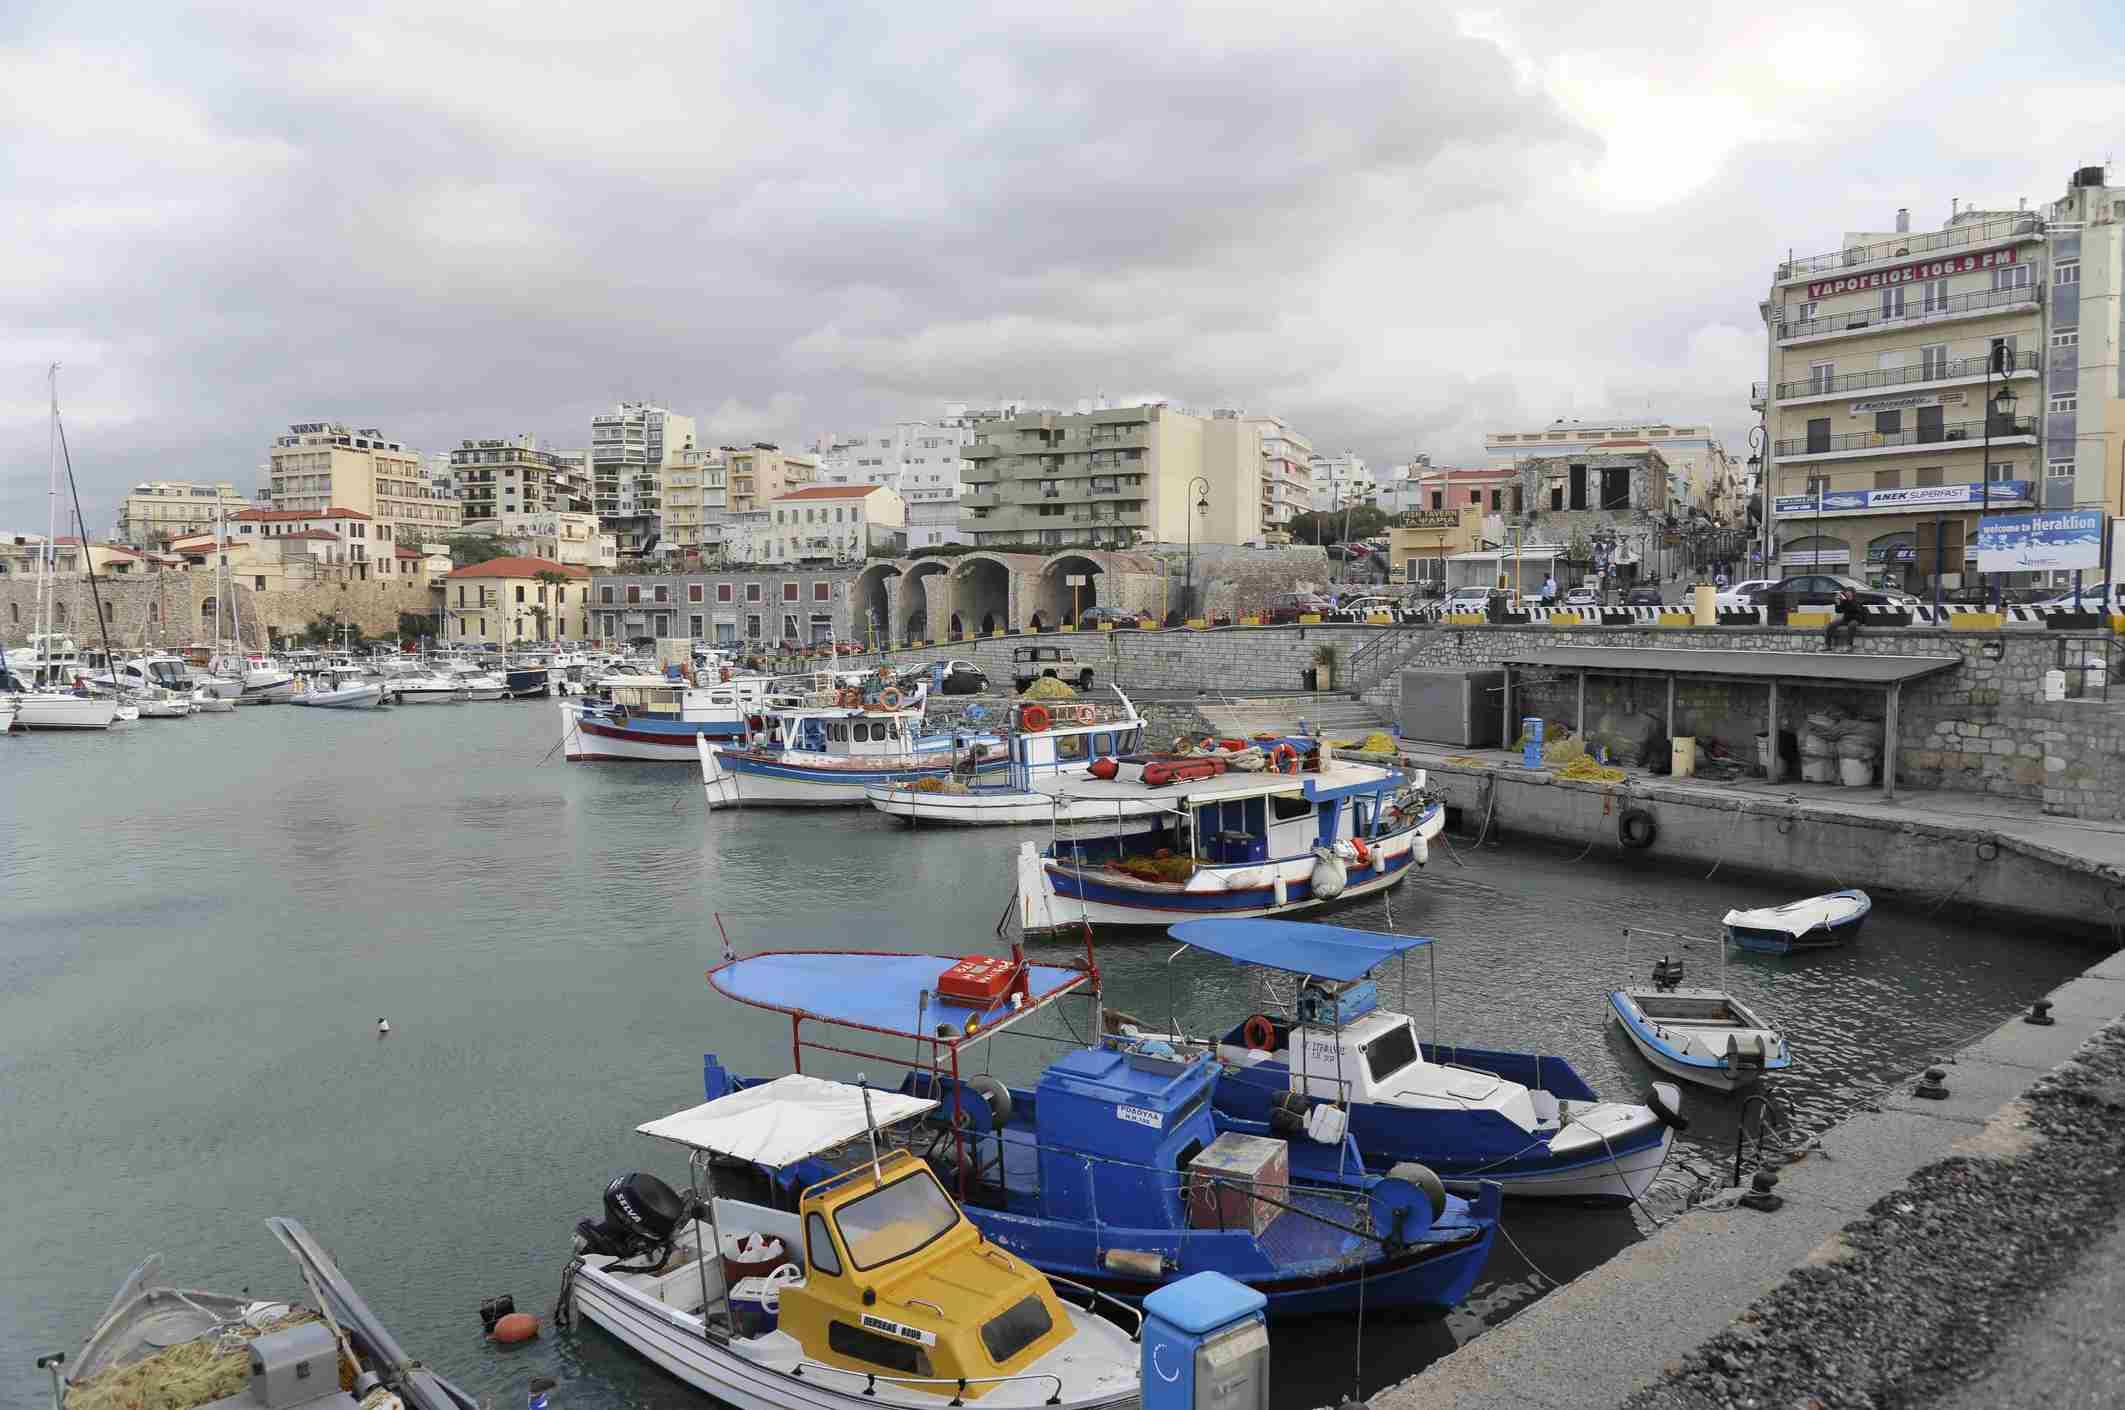 Venetian Harbour, Heraklion